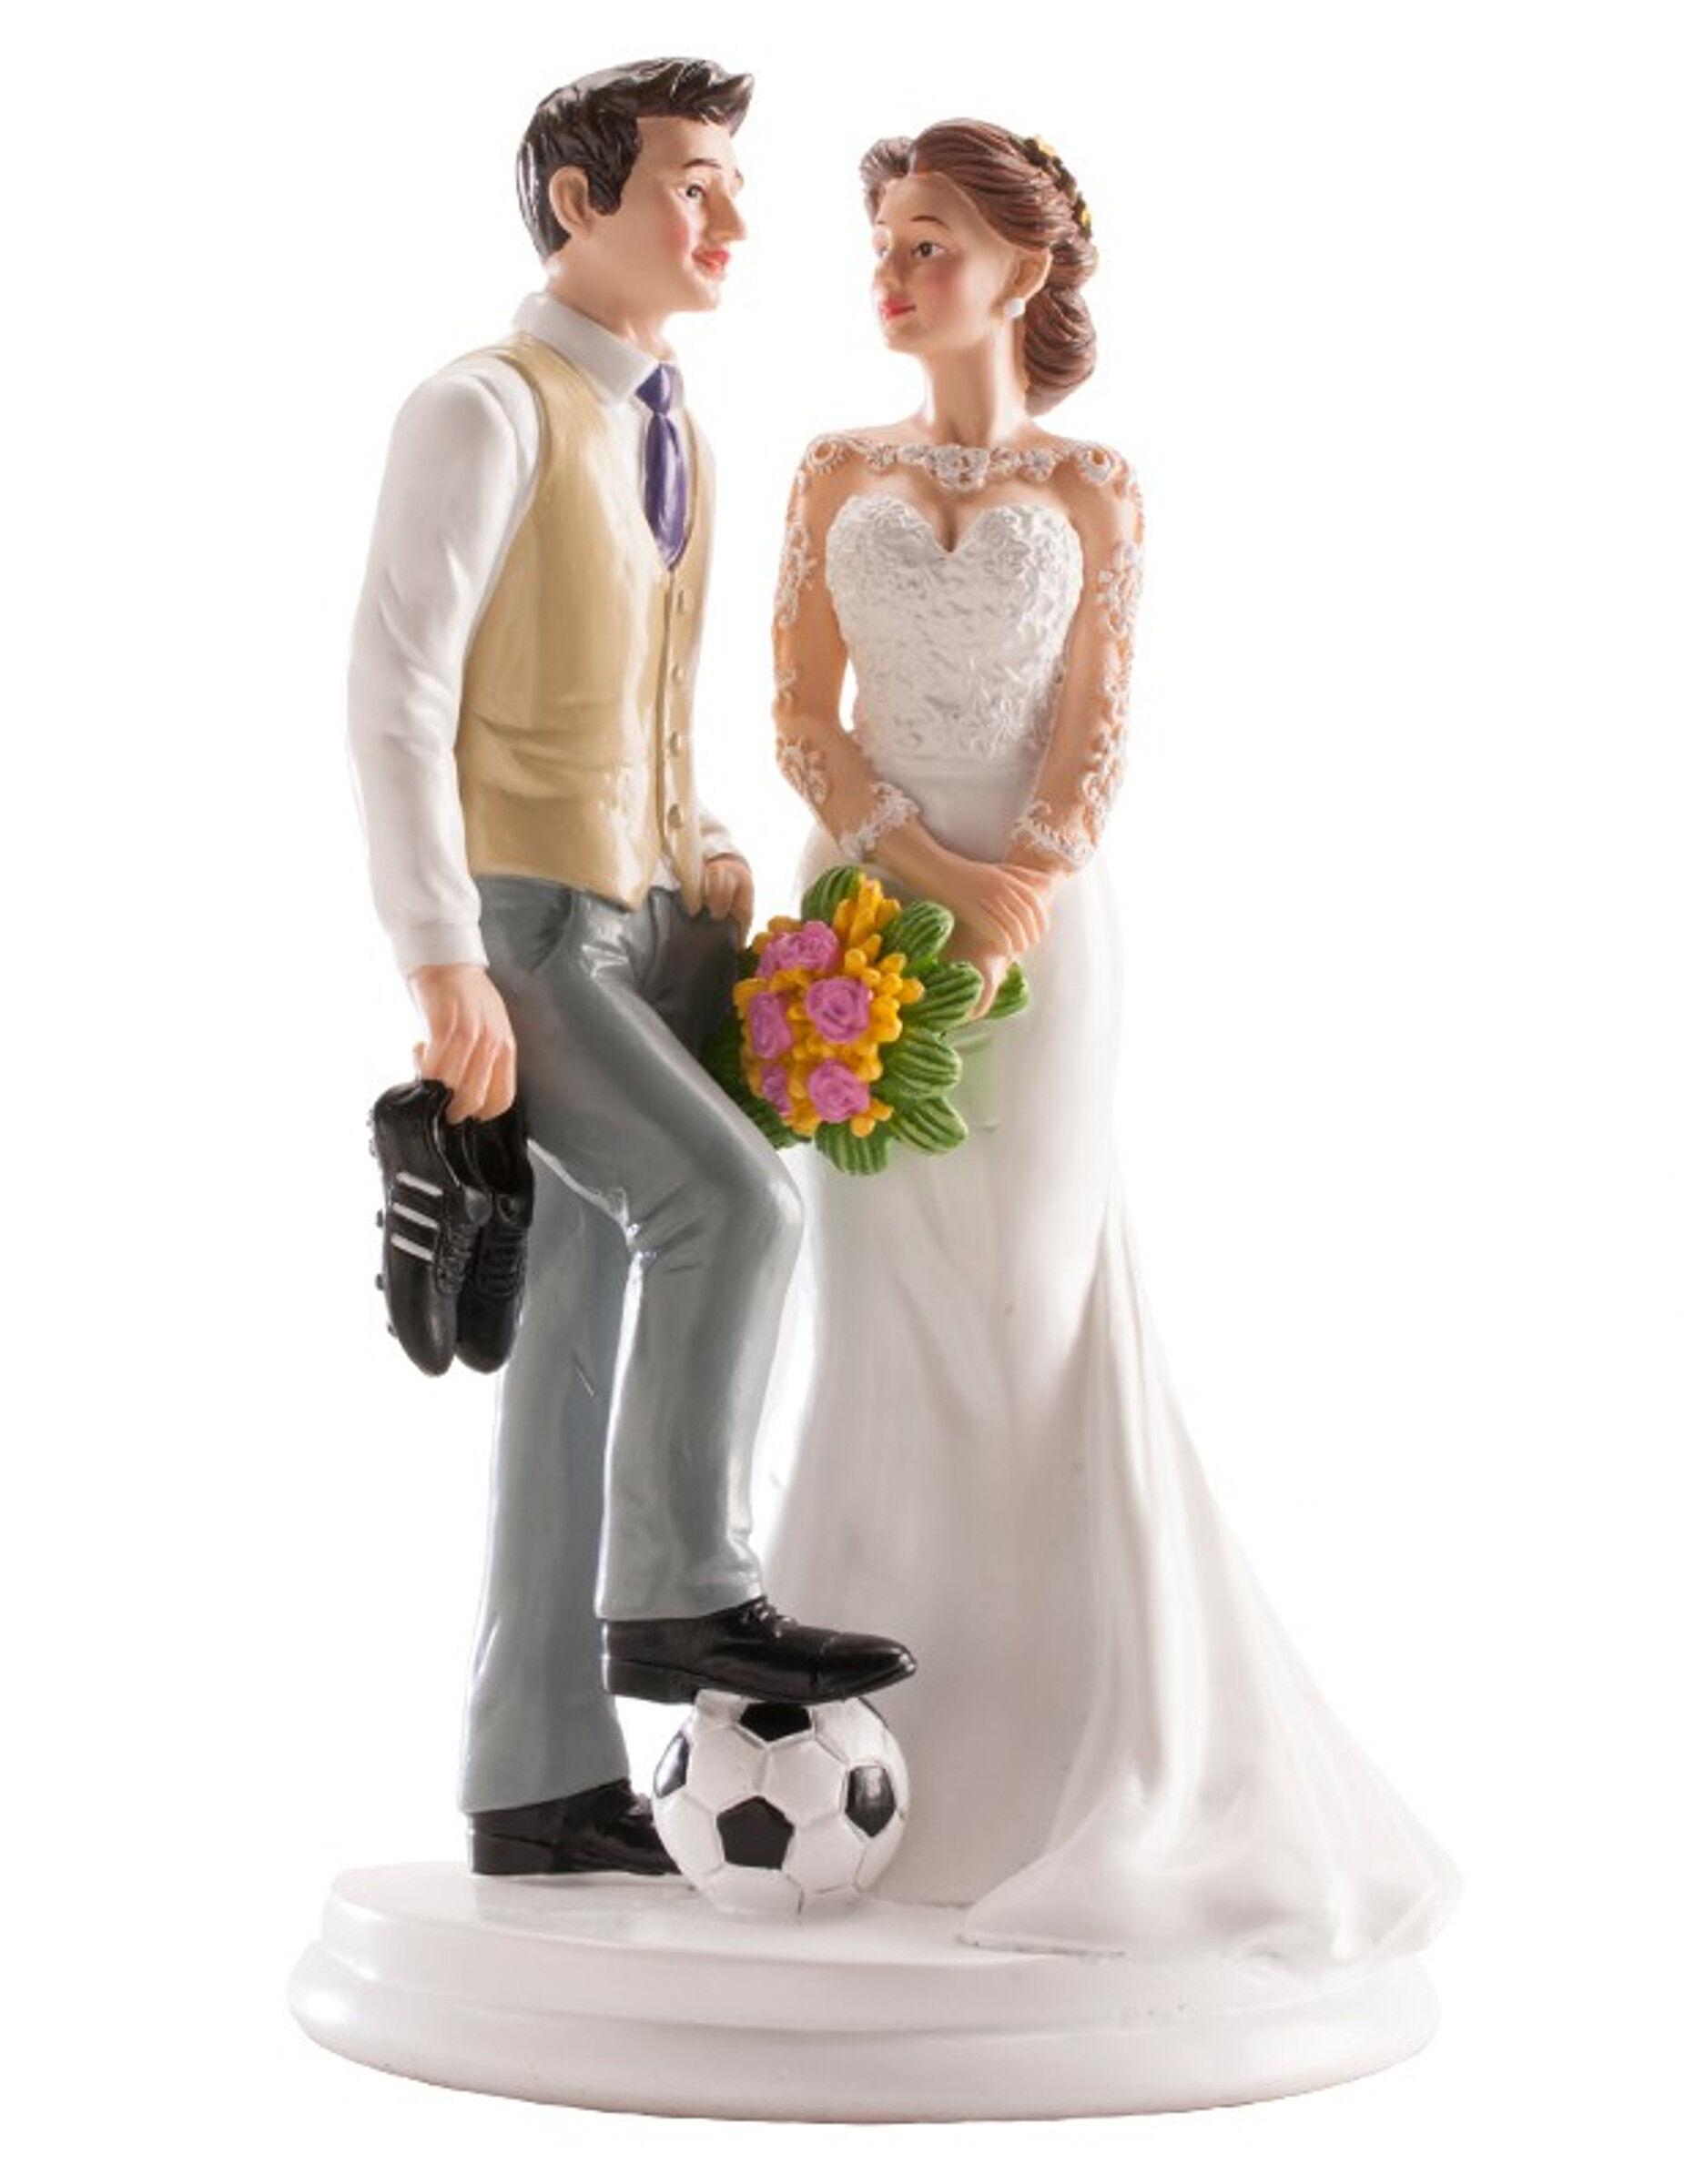 Deguisetoi Figurine mariage couple humoristique